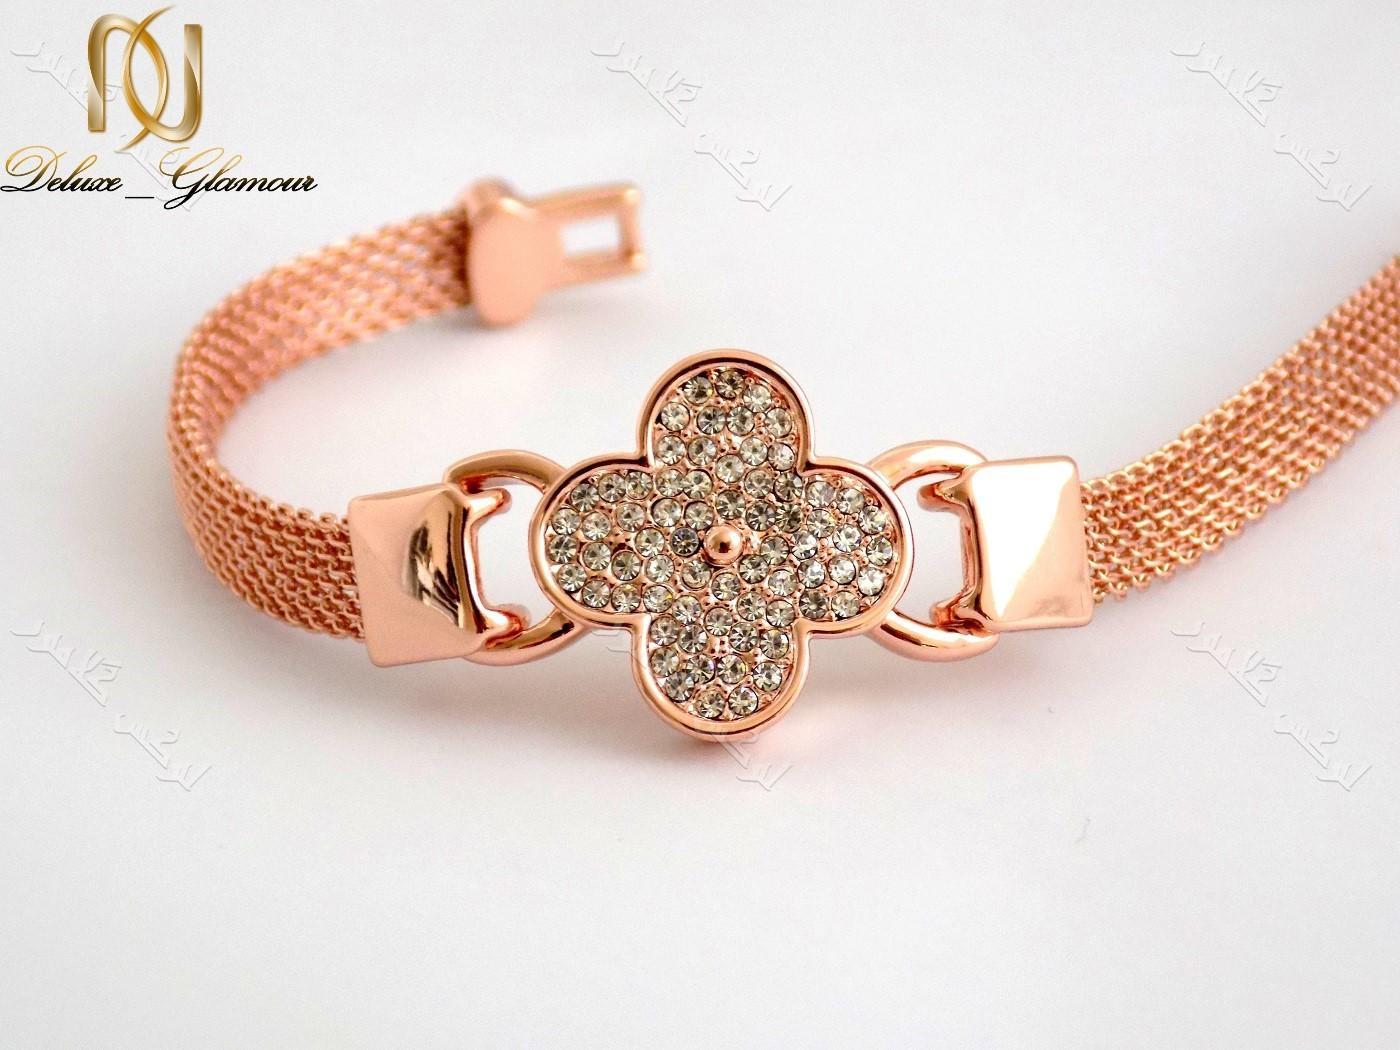 دستبند دخترانه ظریف رزگلد طرح گل کلیو با کریستالهای سواروفسکی اصلDs-n151 عکس از کریستالها